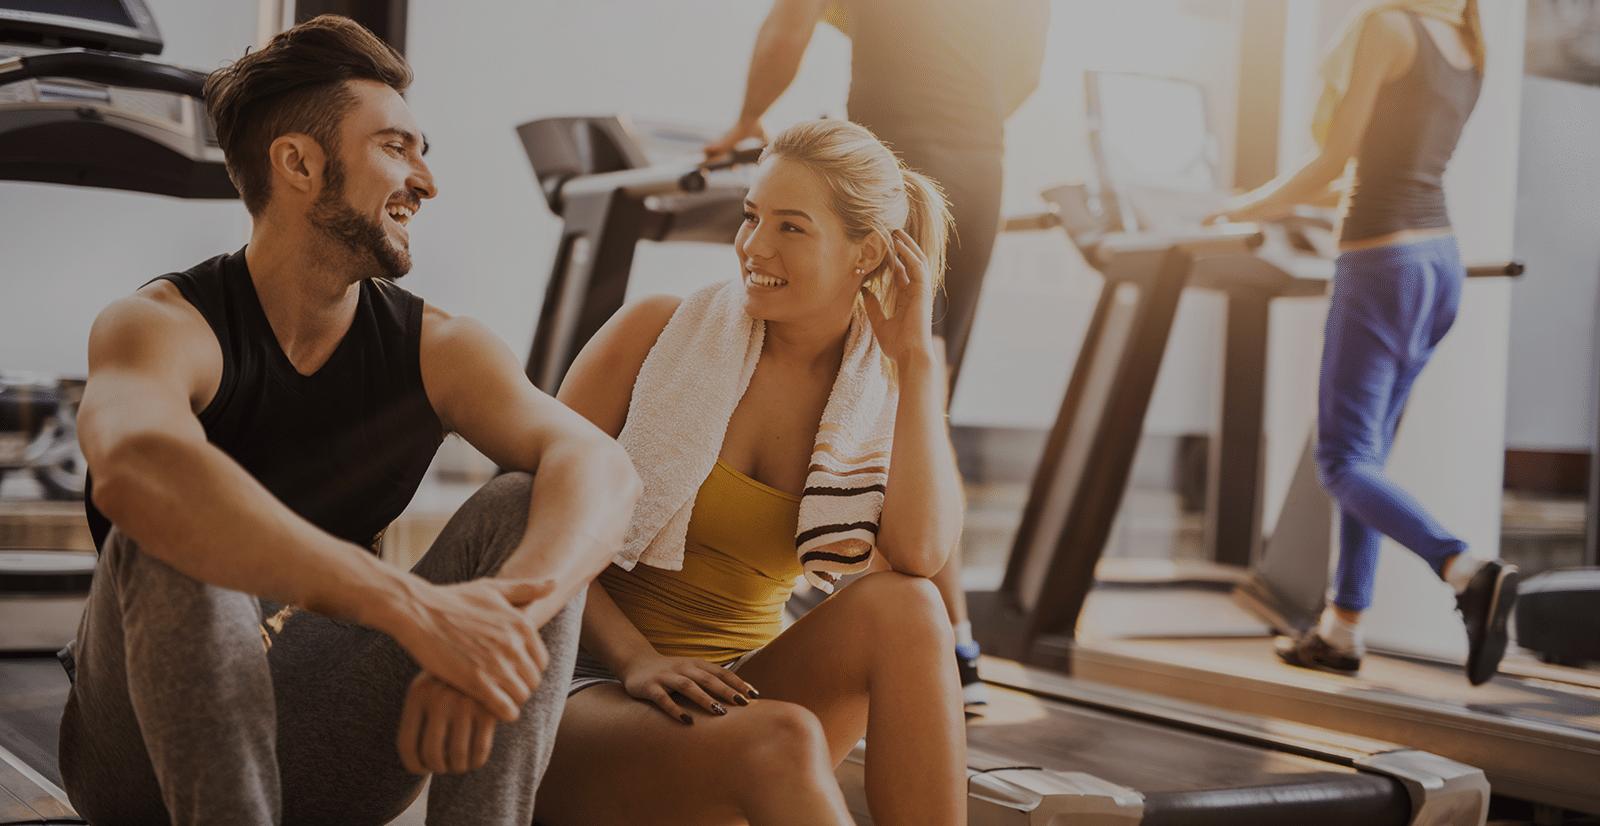 Junge Frau und junger Mann unterhalten sich im Fitnessstudio